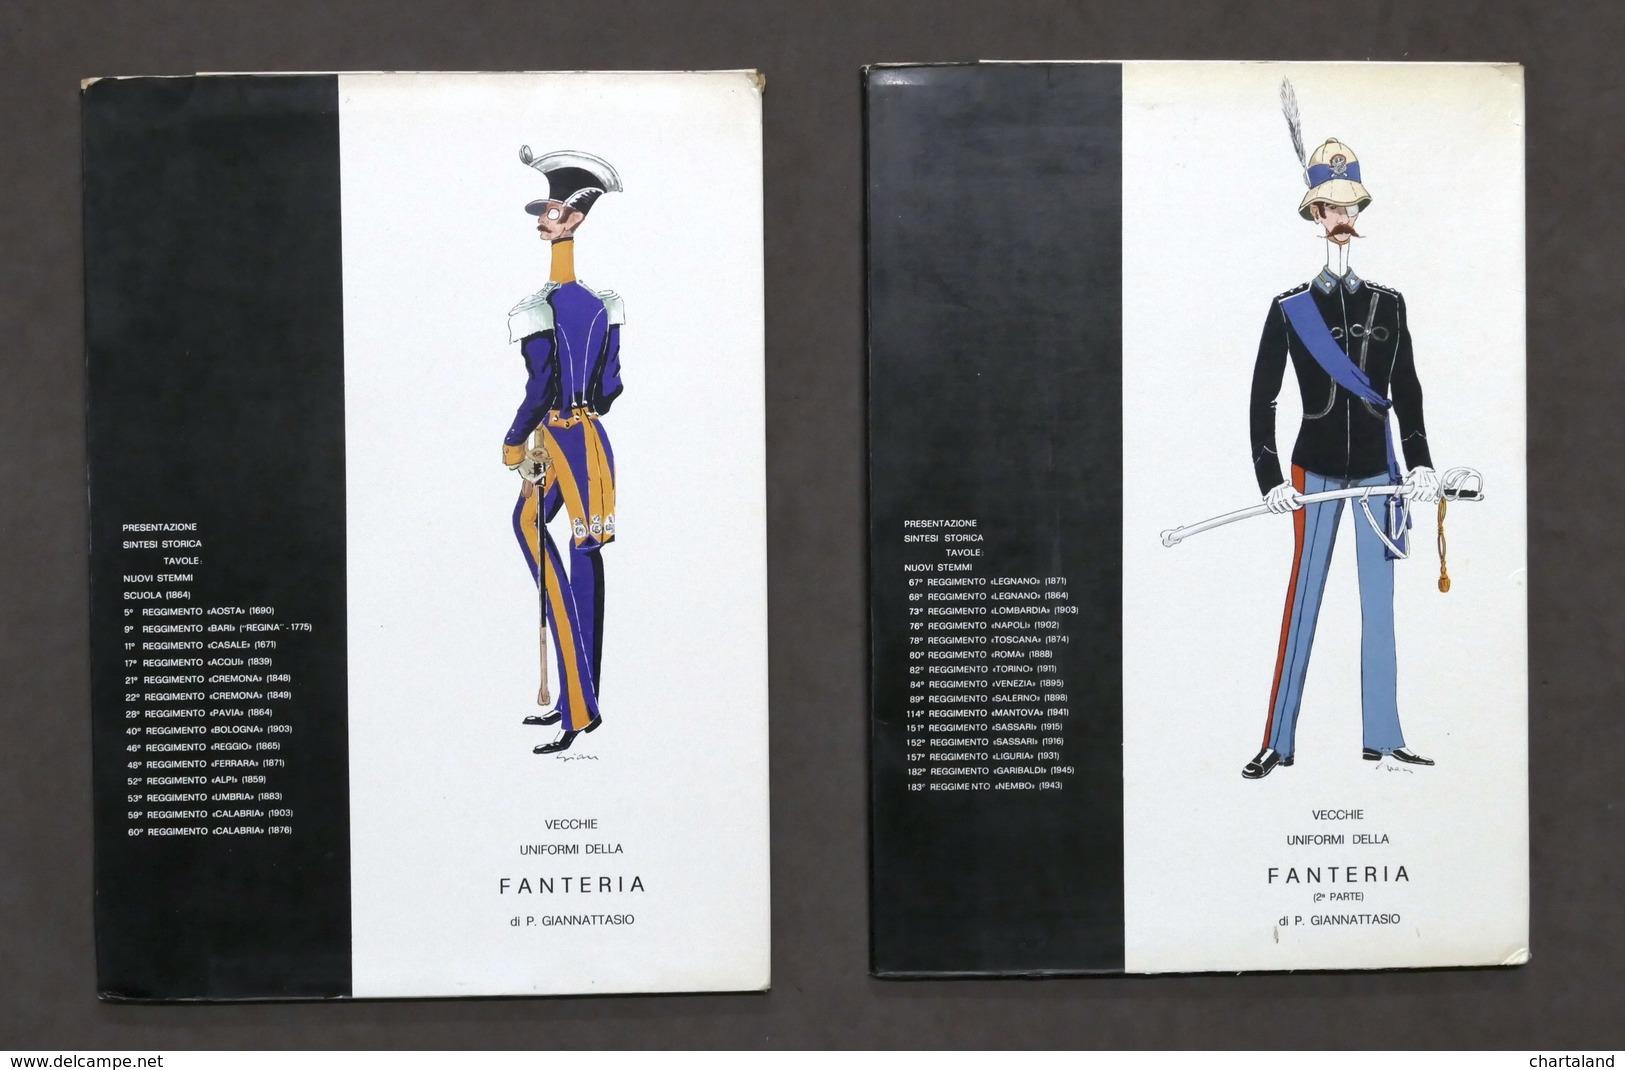 Militaria - P. Giannattasio - Vecchie Uniformi Fanteria - Opera Completa - 1972 - Documenti